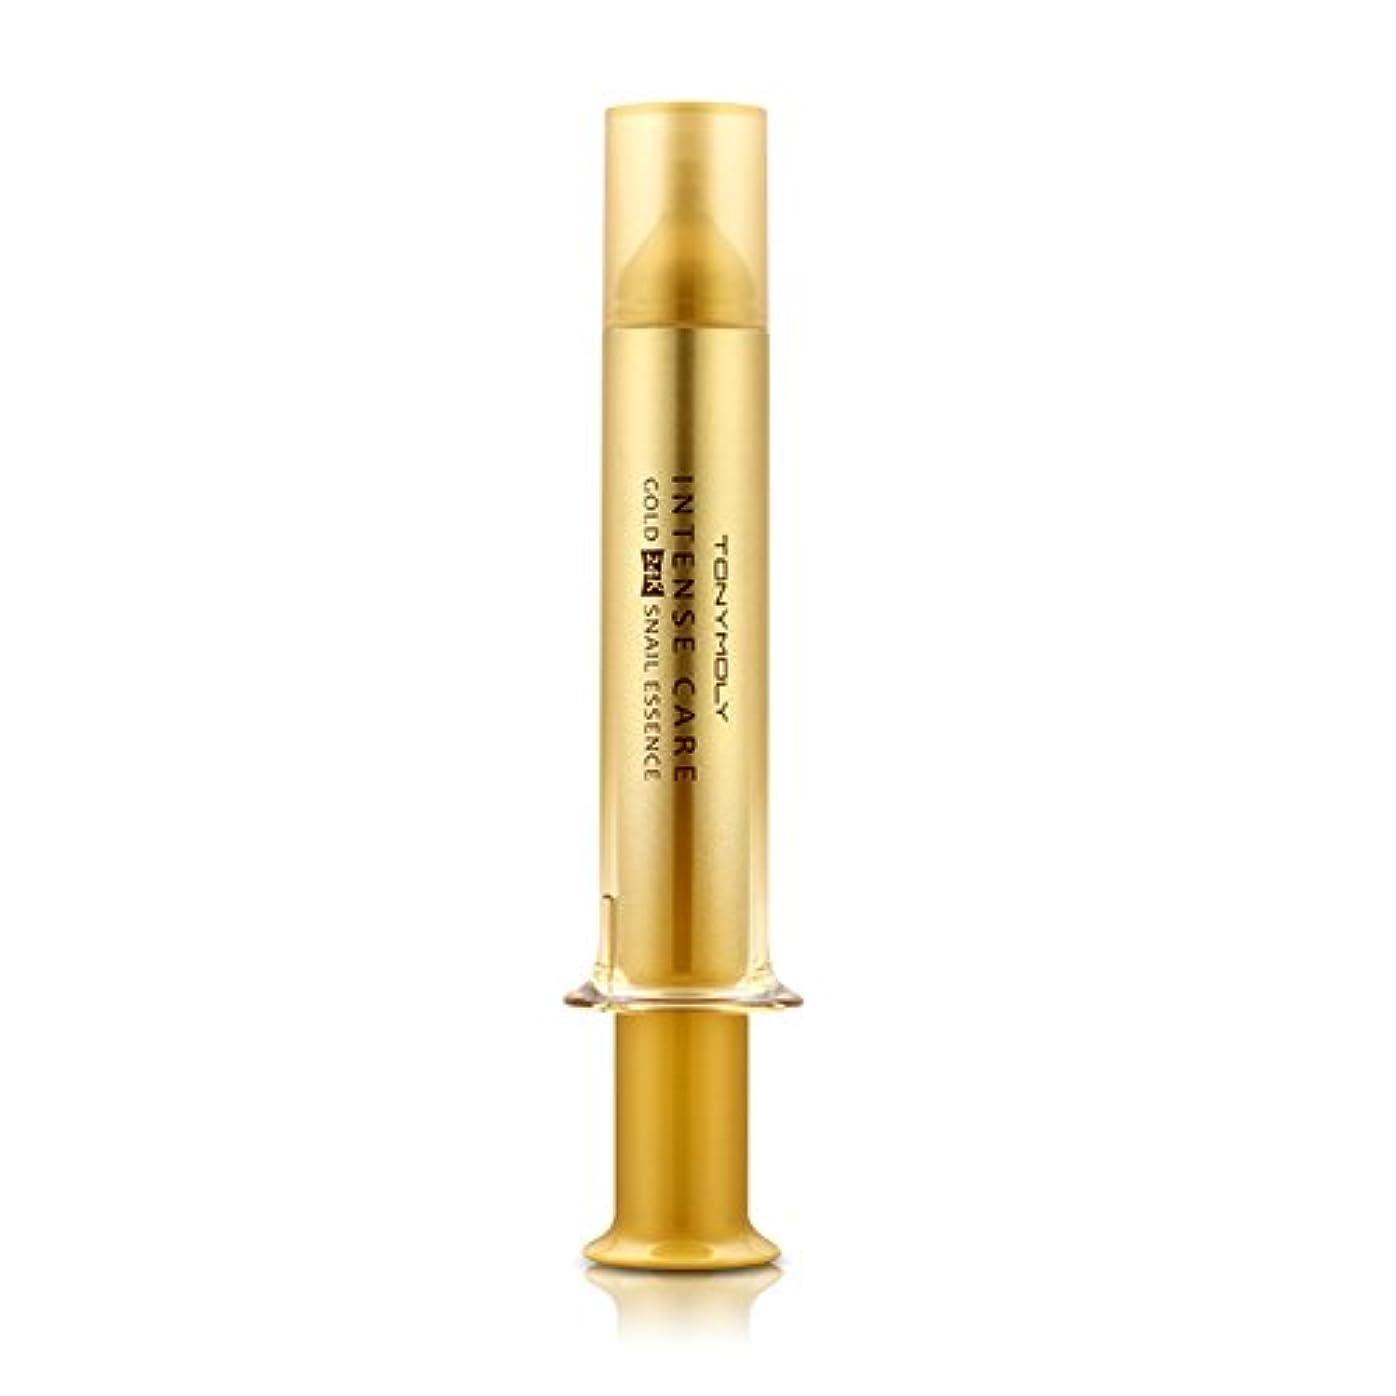 取得する中古小麦TONYMOLY INTENSE CARE Gold 24K Snail Essence 15ml